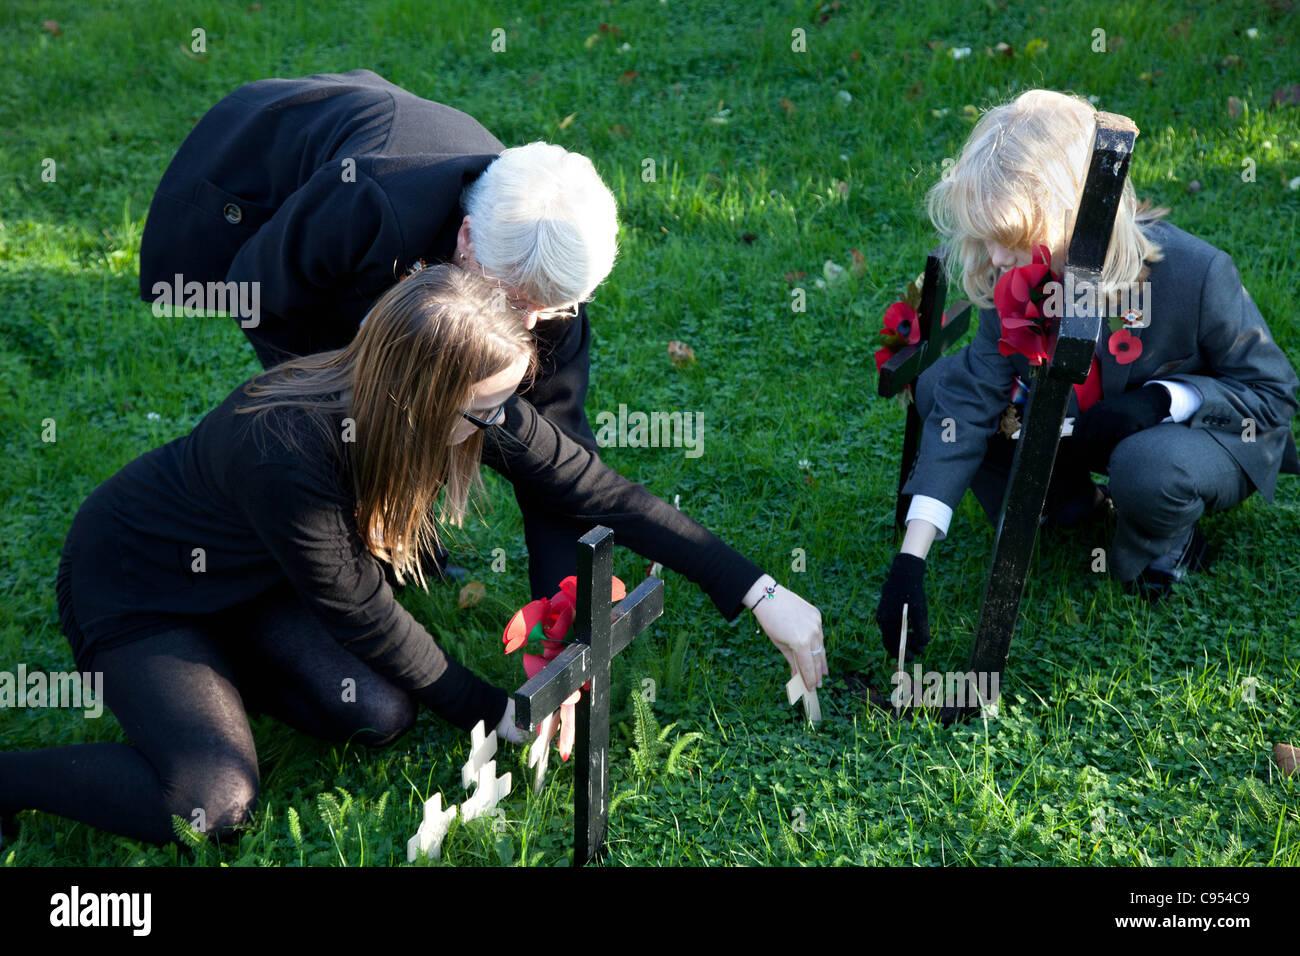 Familienmitglieder erinnern ein Soldat, indem man ein Kreuz in den Boden am Remembrance Day Sonntag Stockbild